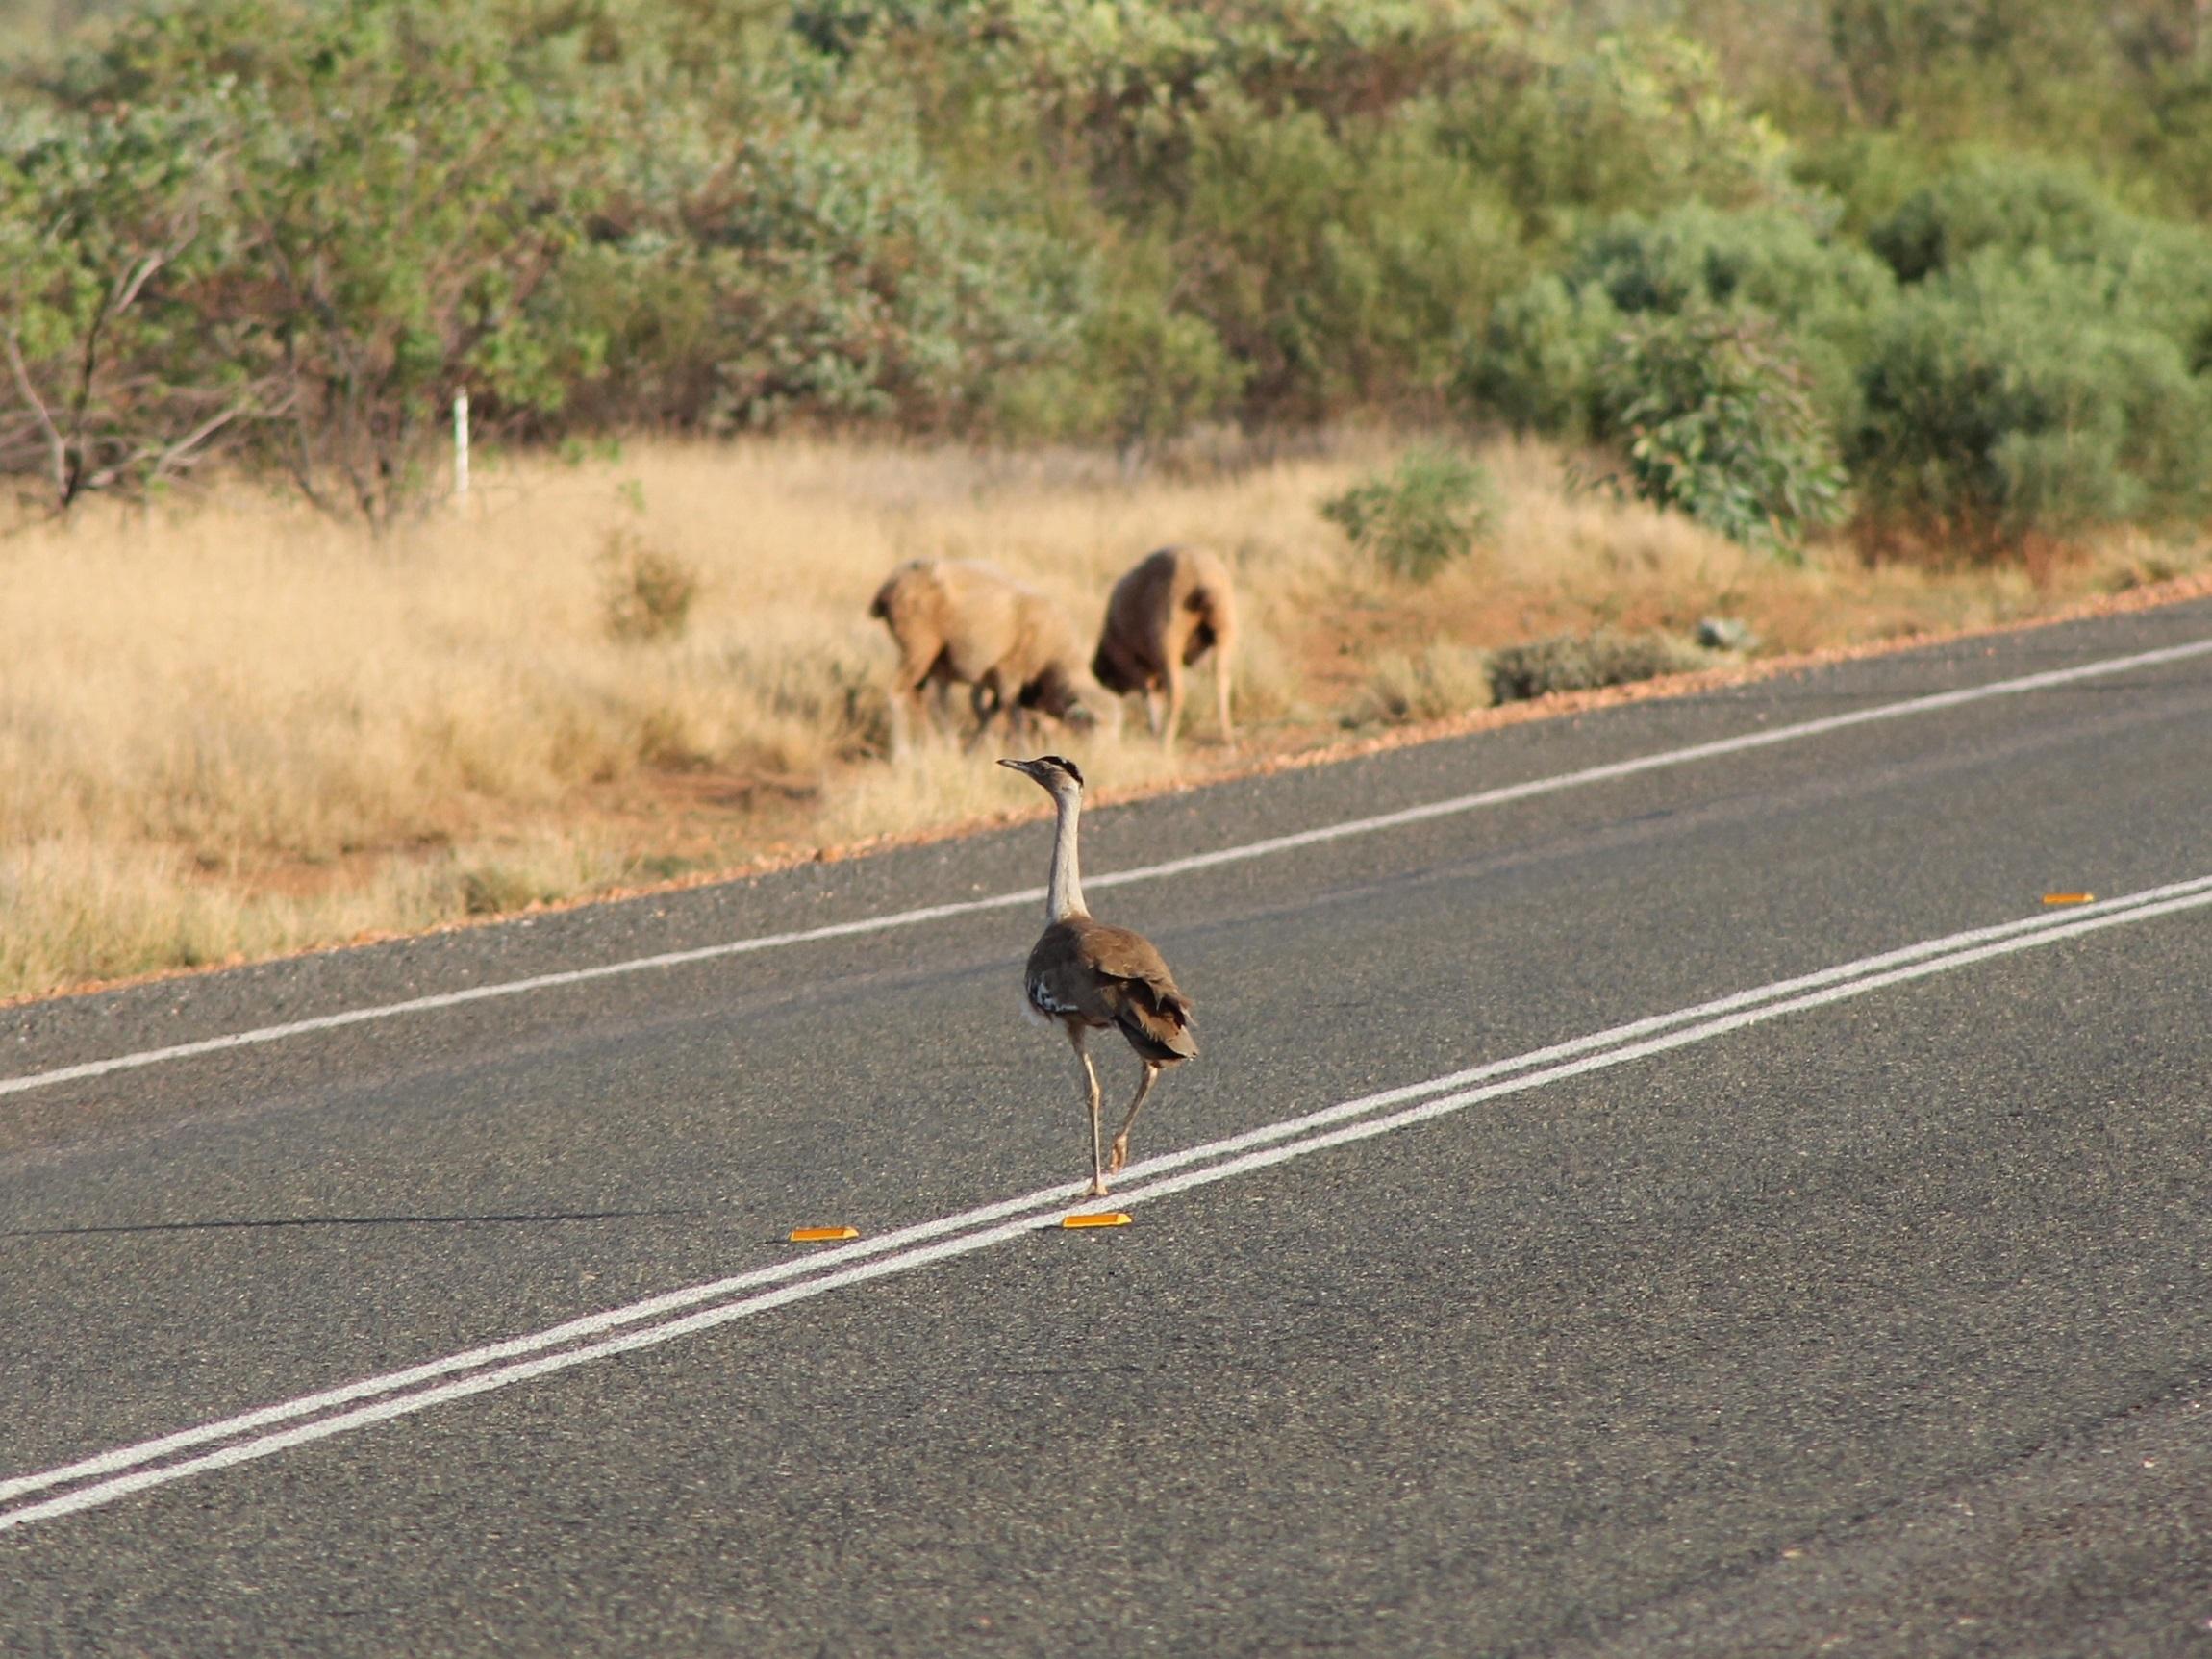 Australian Bustard on the road